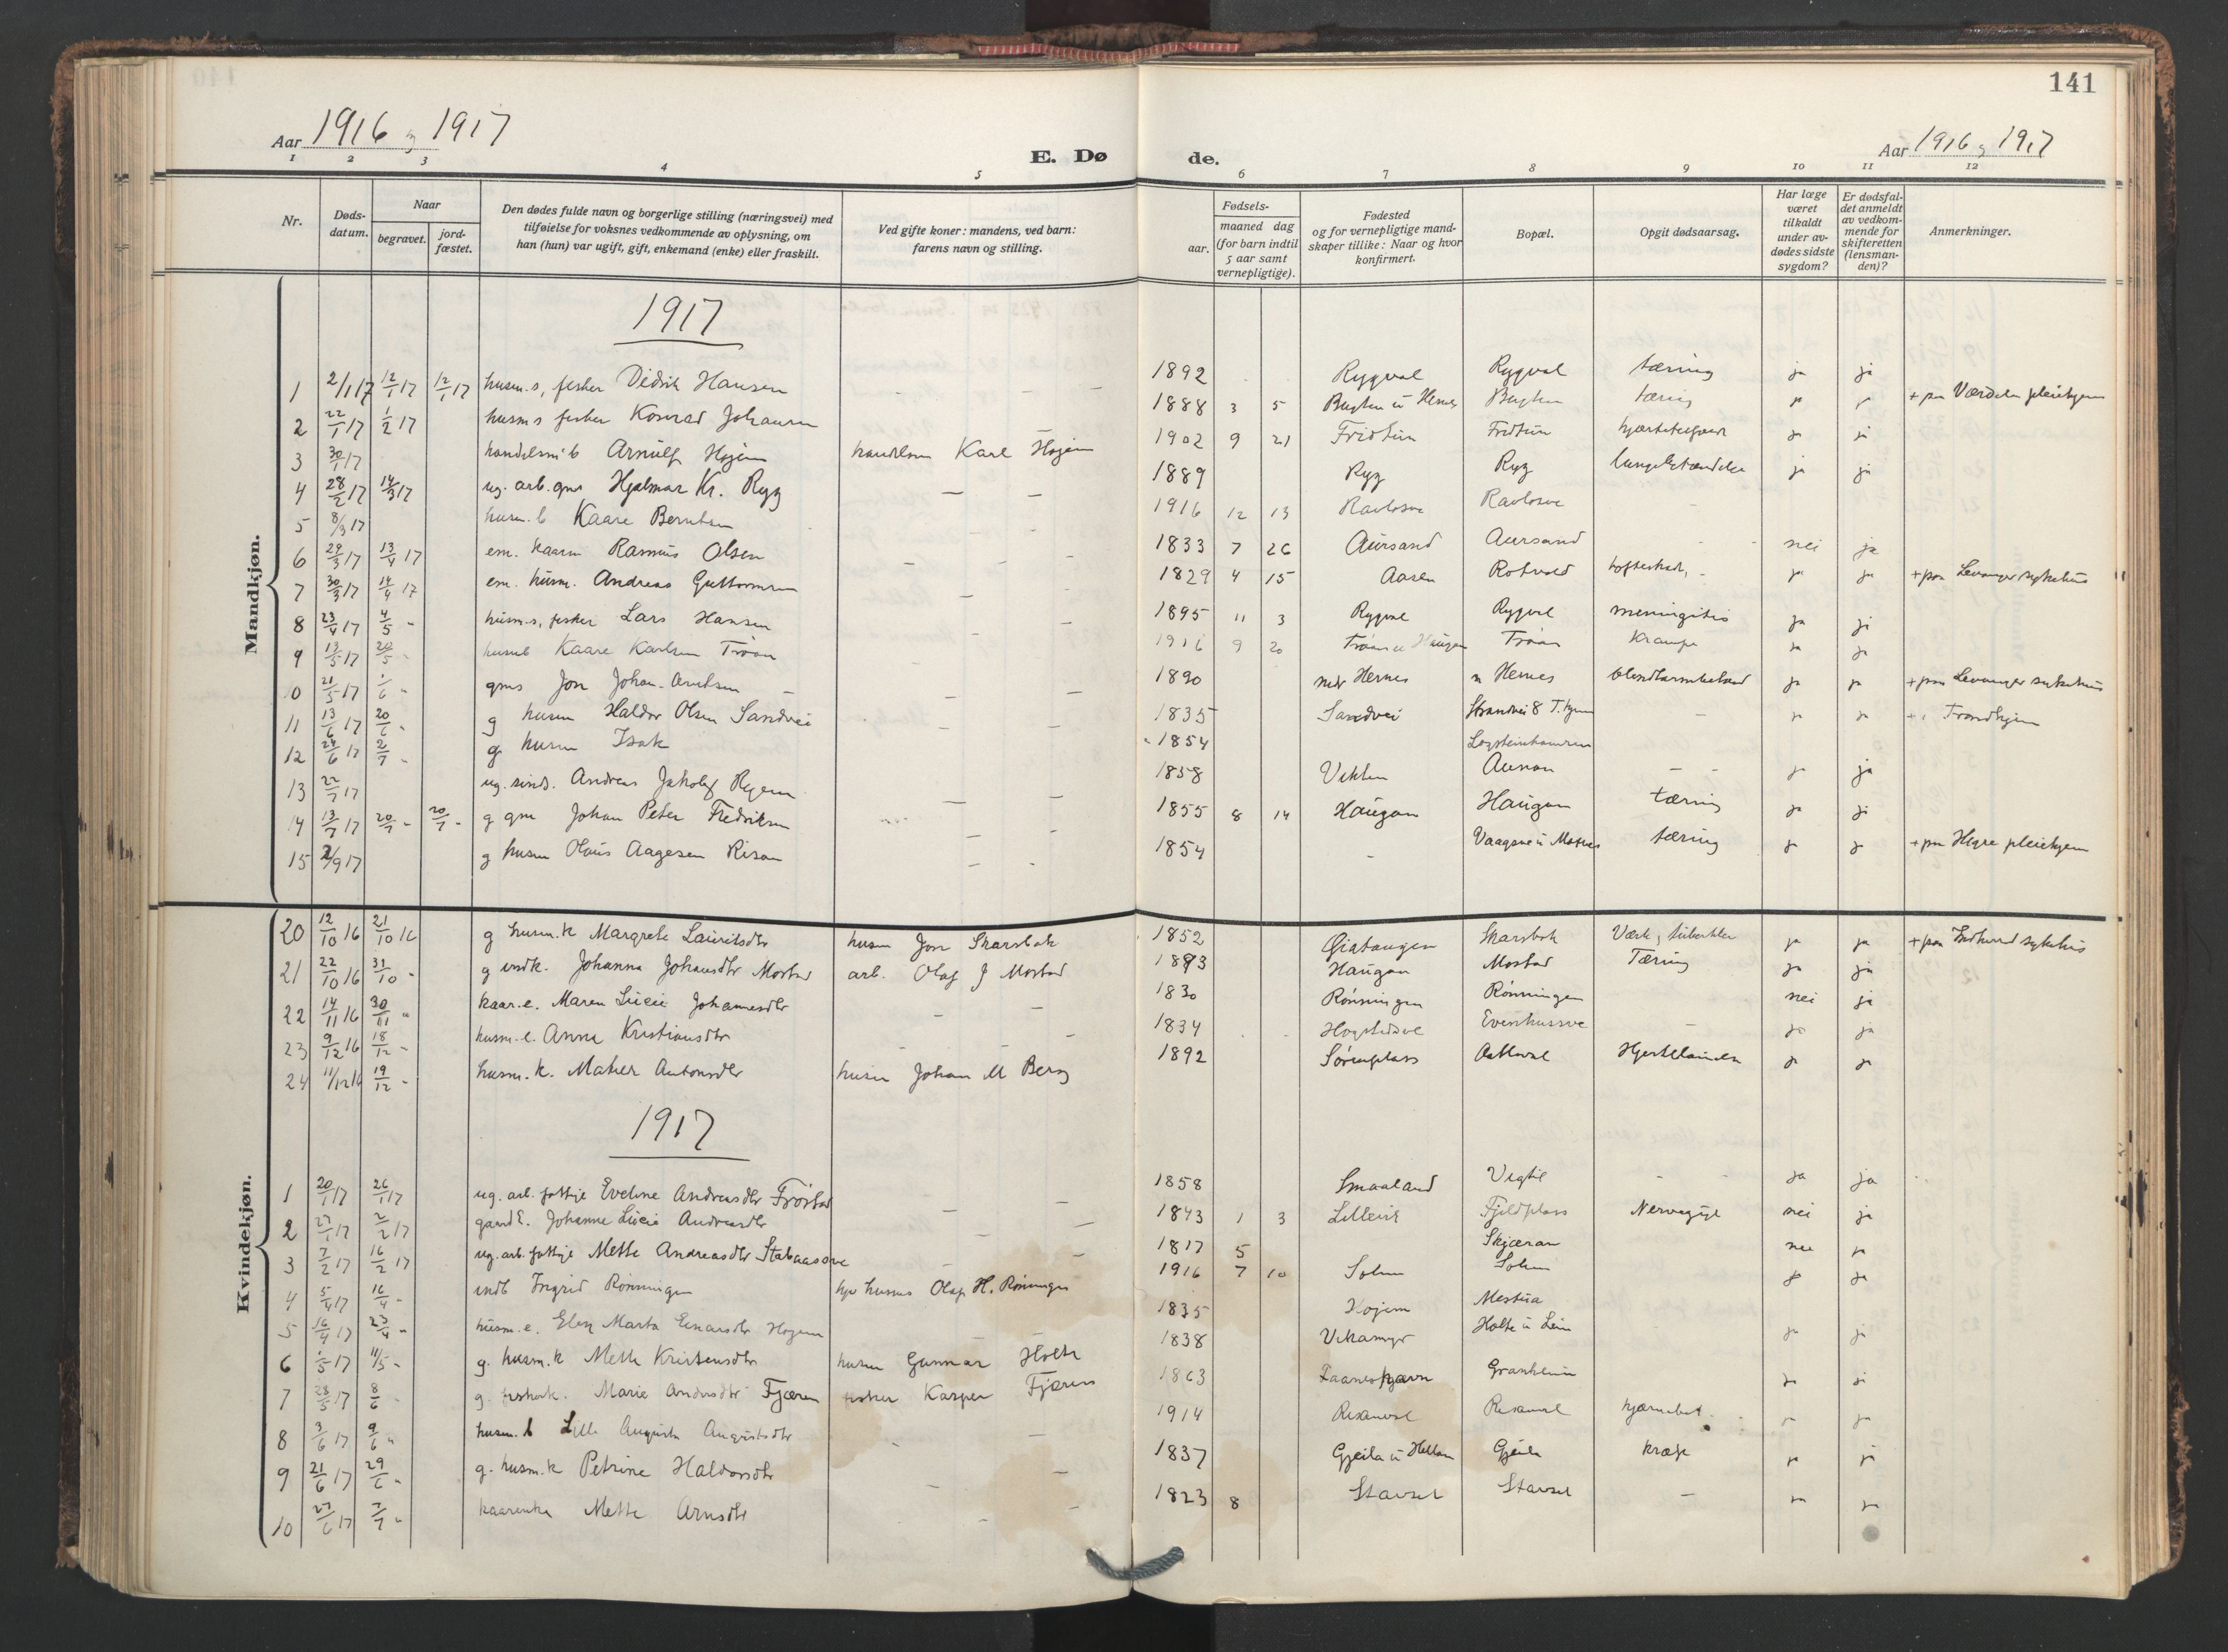 SAT, Ministerialprotokoller, klokkerbøker og fødselsregistre - Nord-Trøndelag, 713/L0123: Ministerialbok nr. 713A12, 1911-1925, s. 141